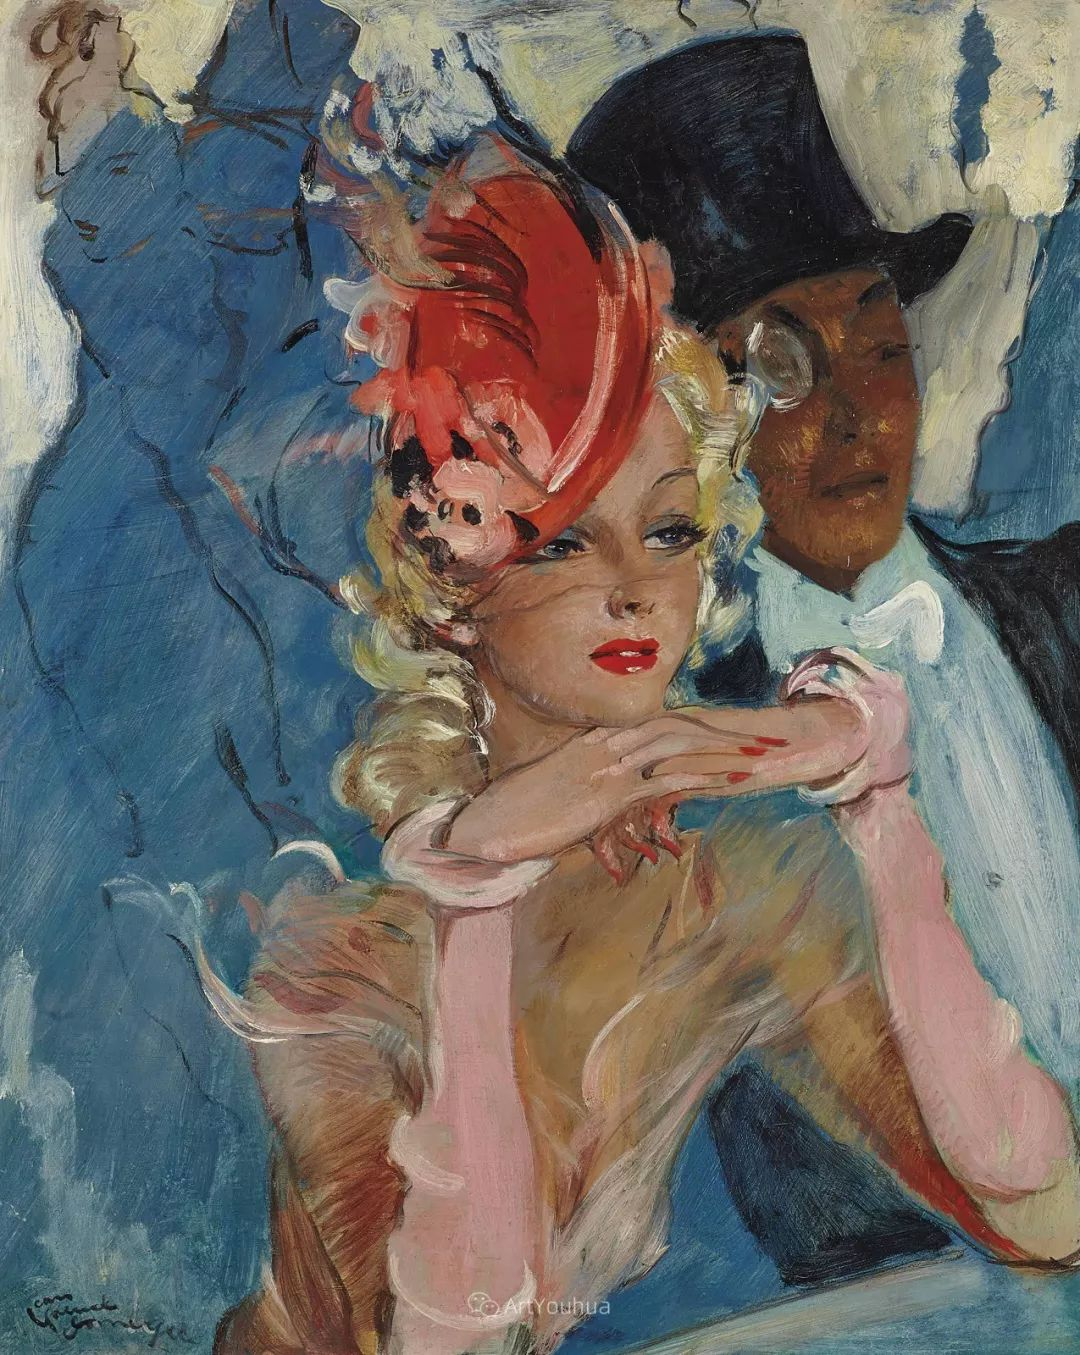 他画中的美女:典雅美丽天鹅颈,脸上带着调情趣味插图13